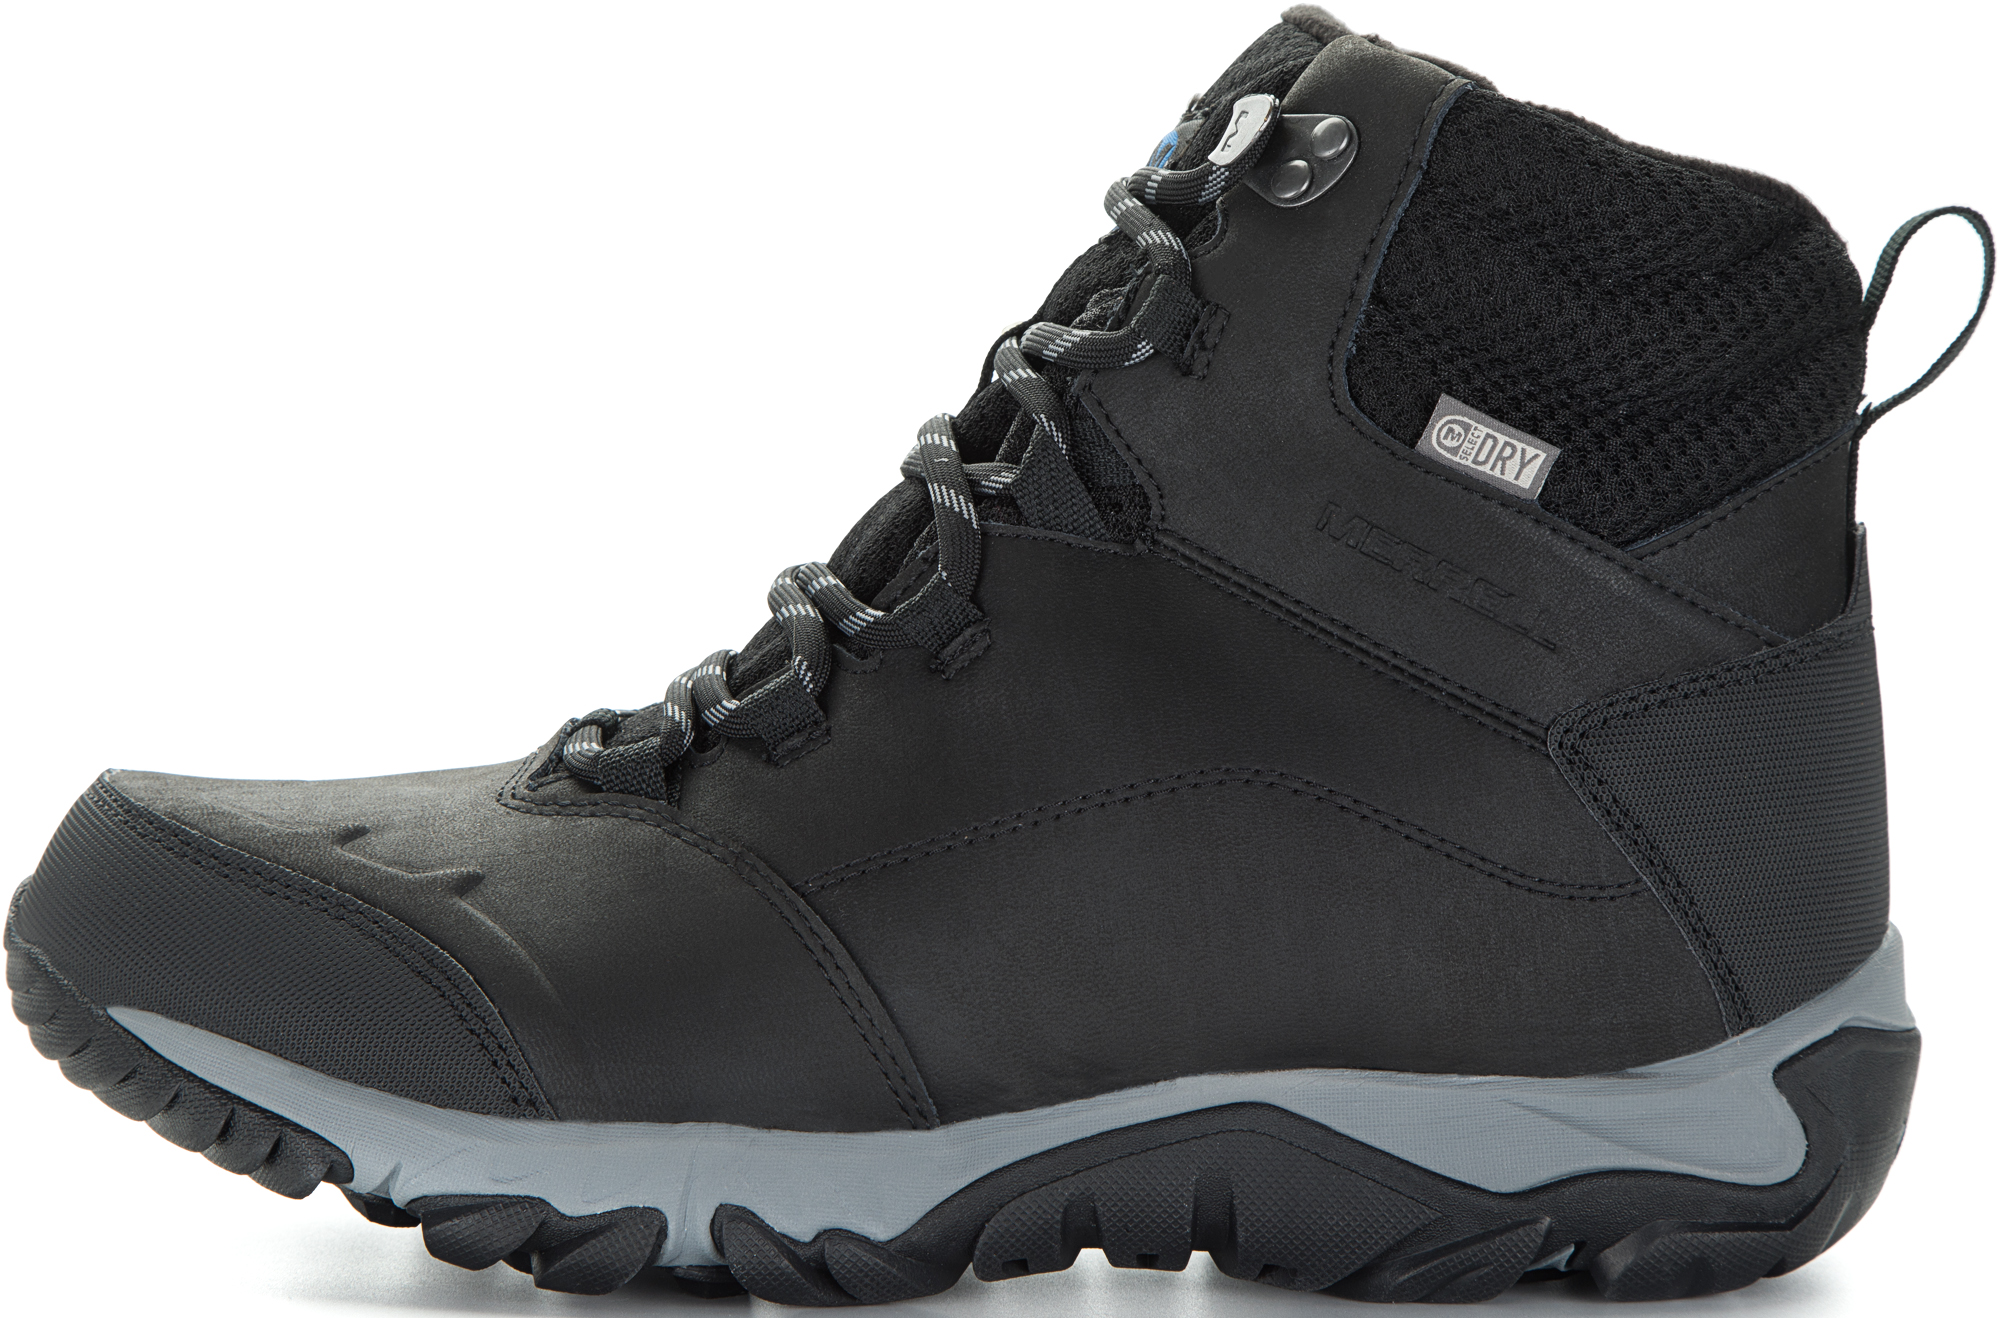 Merrell Ботинки утепленные мужские Thermo Fractal, размер 46